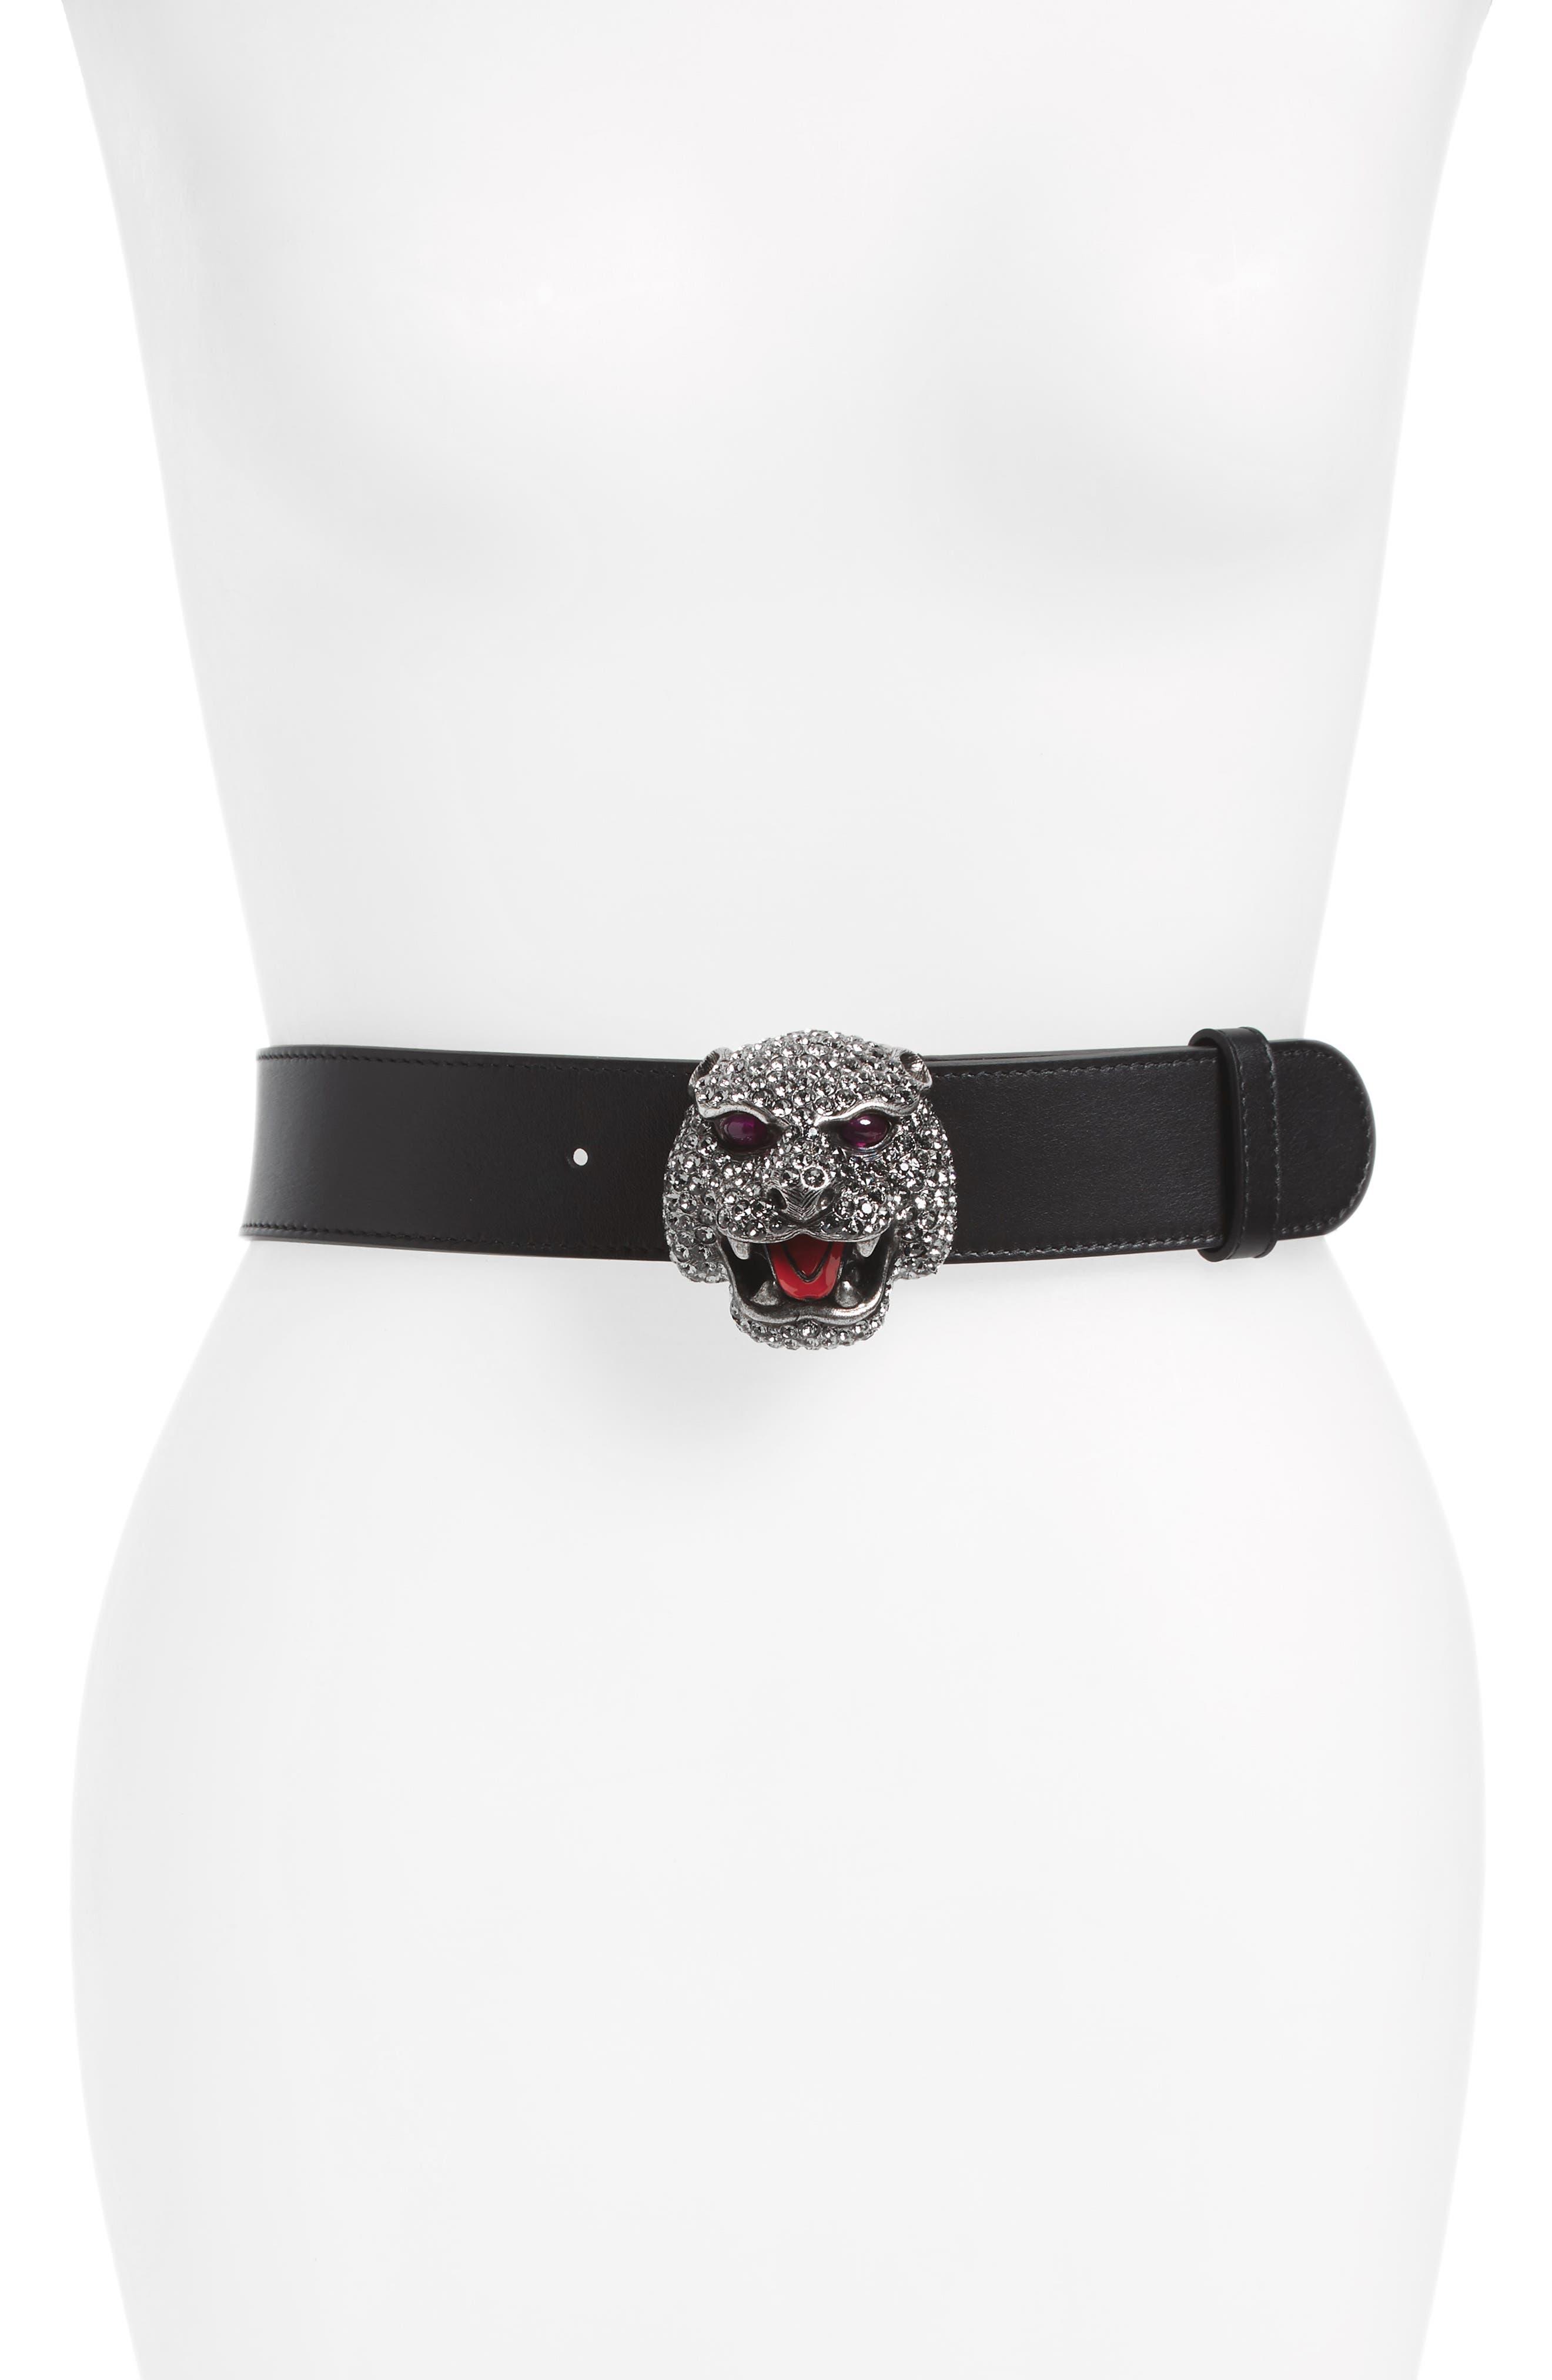 Tiger Buckle Calfskin Leather Belt,                         Main,                         color,